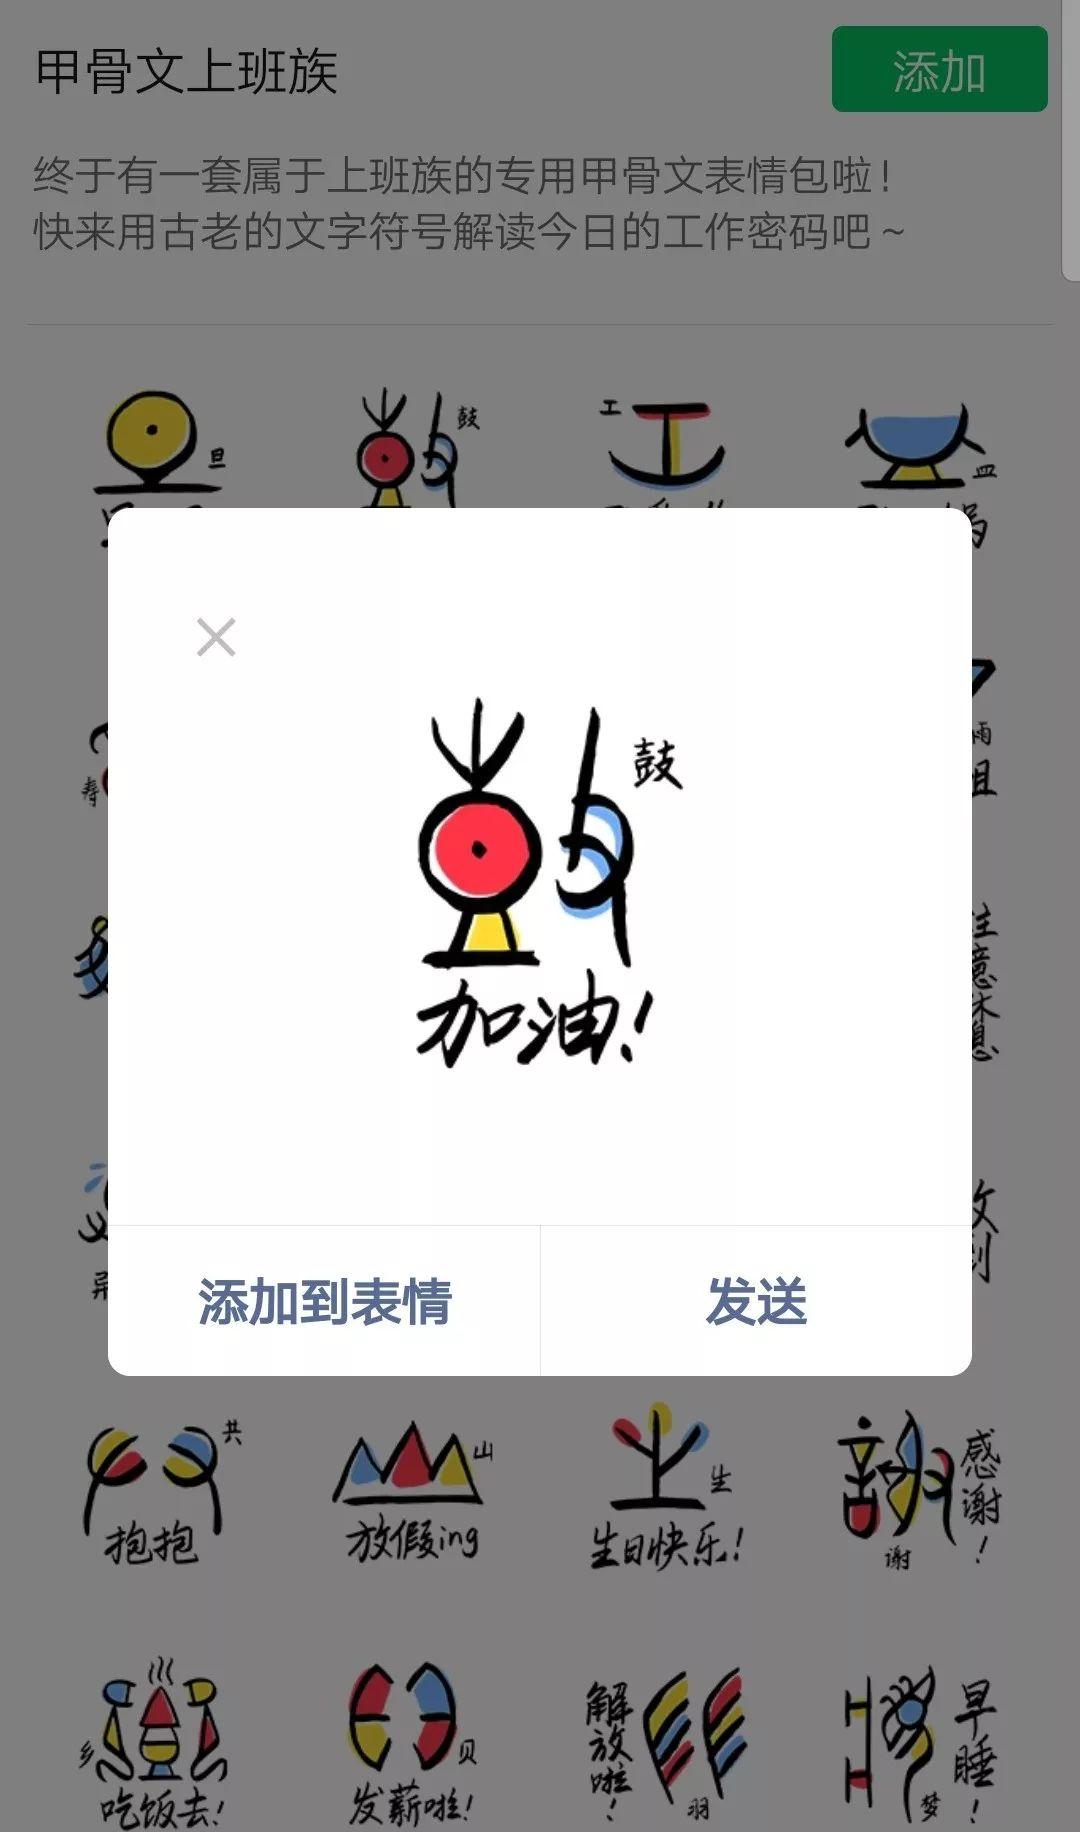 """图为清华大学美术学院博士生导师、中国古文字艺术研究中心常务副主任陈楠教授设计的""""甲骨文表情包""""系列。"""